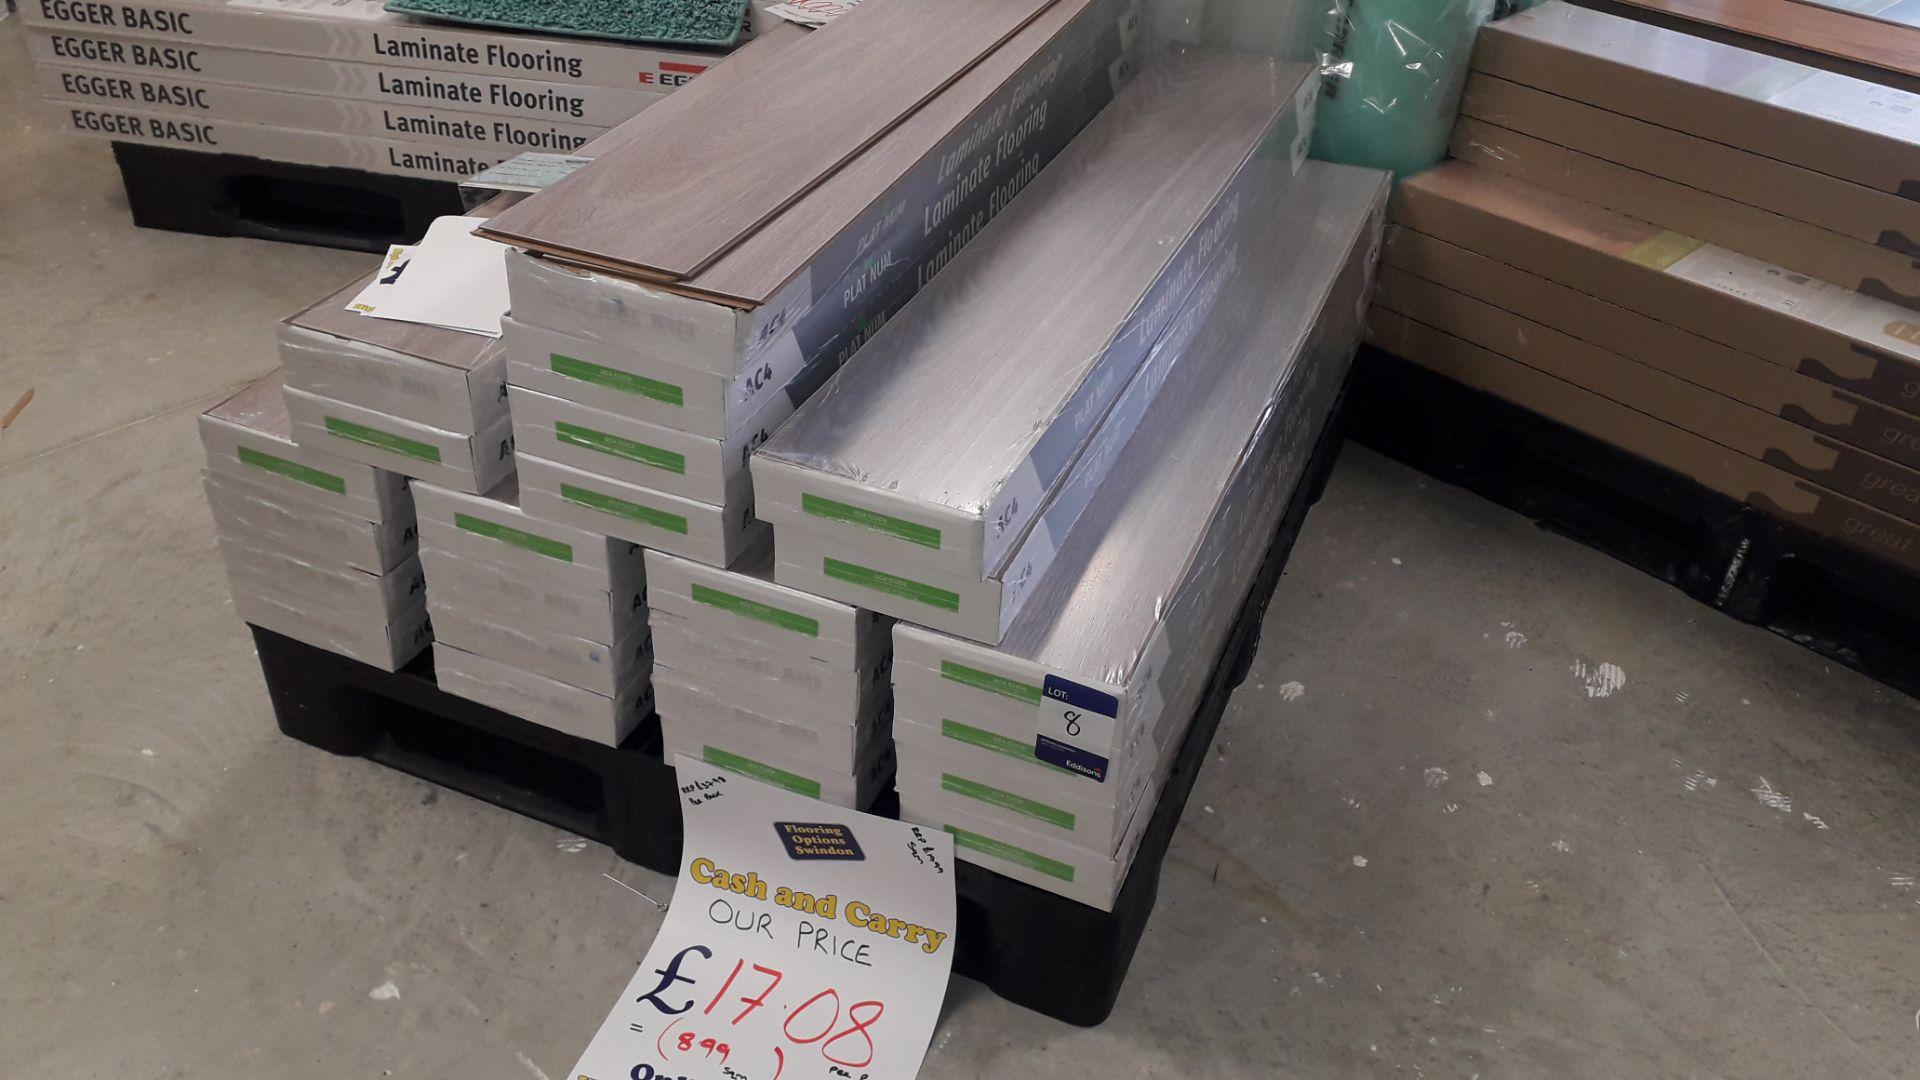 Lot 8 - 24 Packs of Platinum Flooring AC4 (Devonshire Oak) 8mm Laminate Flooring 1.9m² Per Pack – RP £17 per